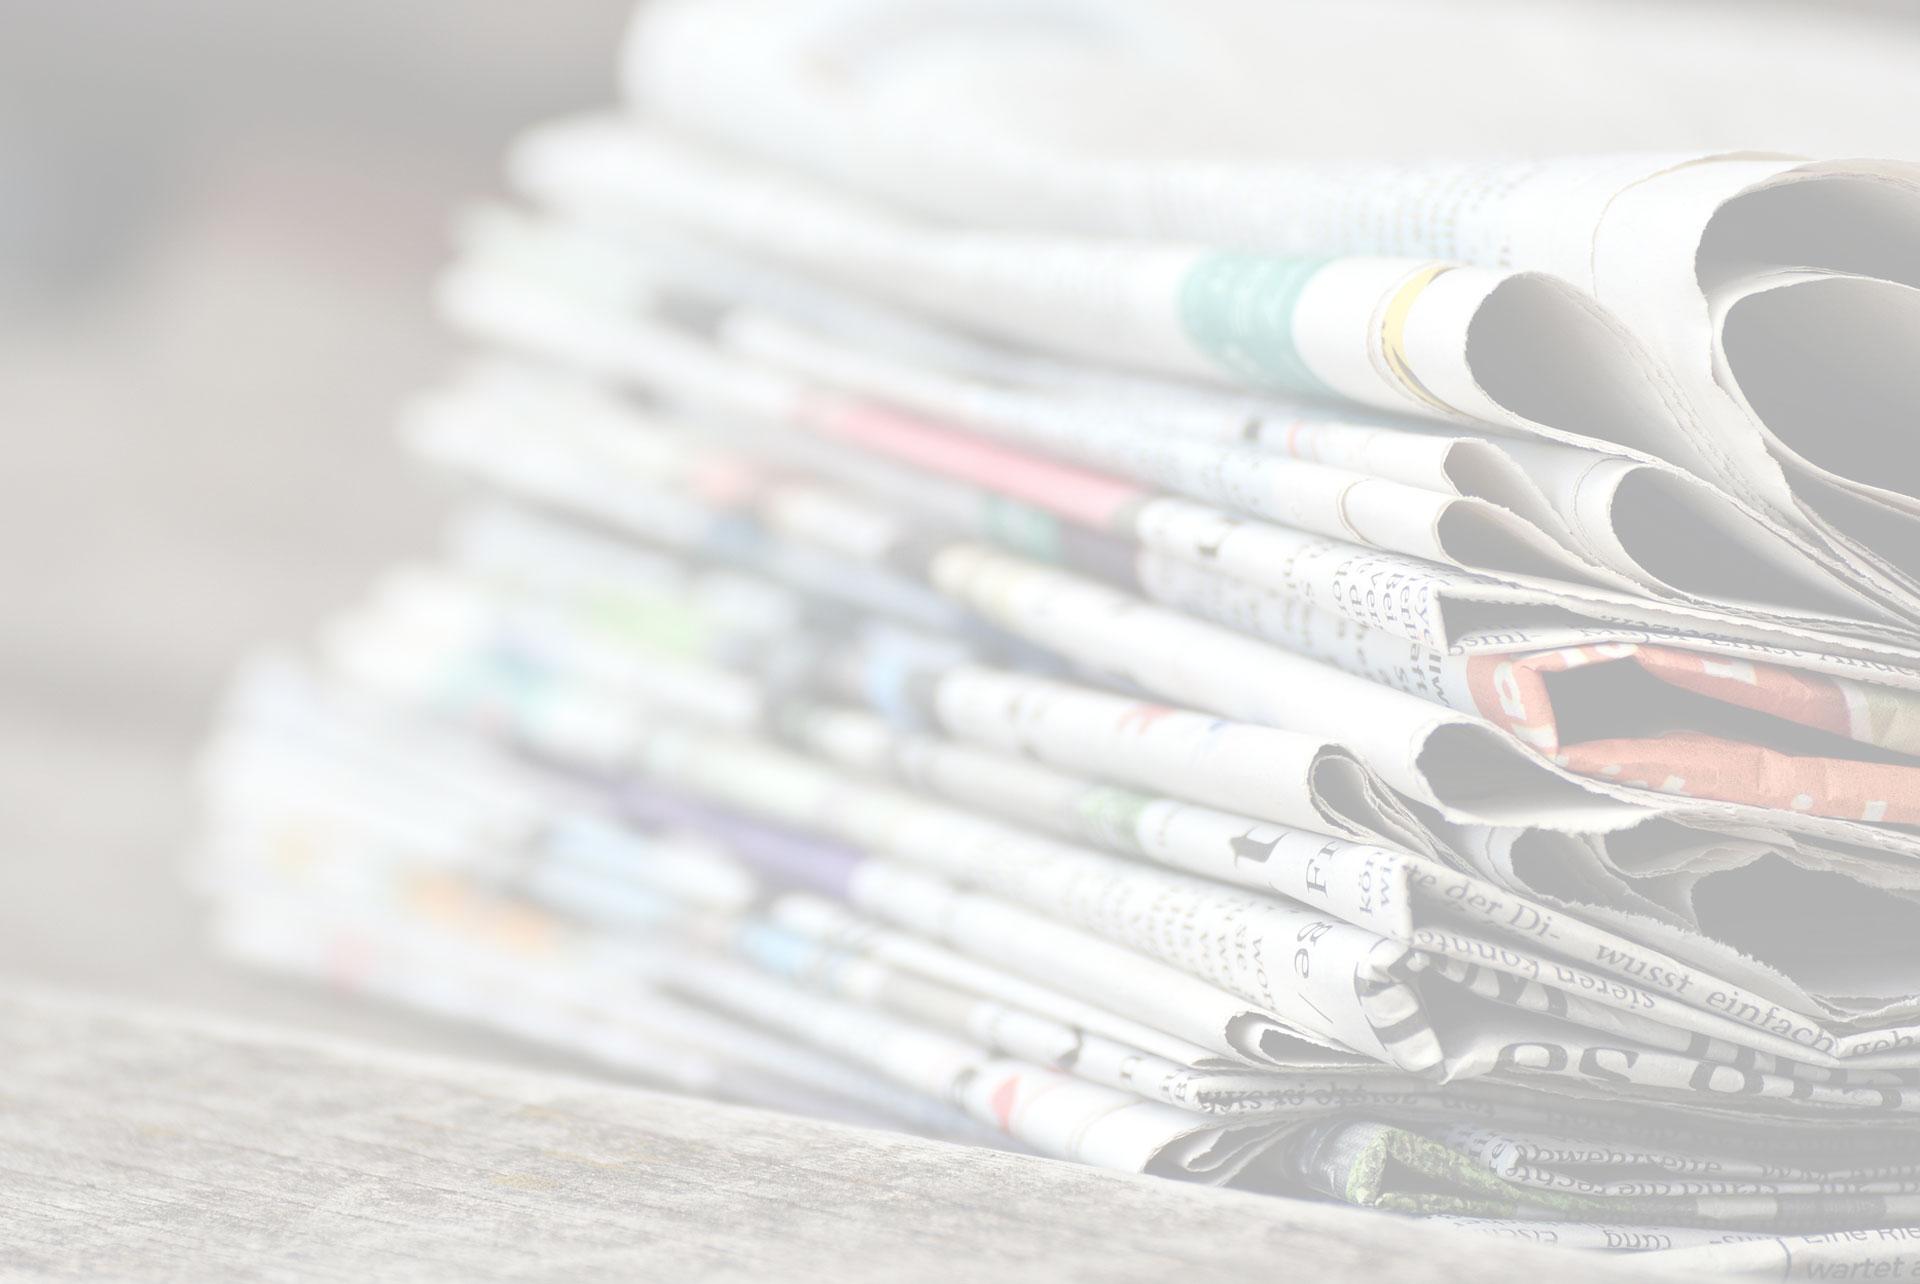 Giorgio Panariello e Leonardo Pieraccioni